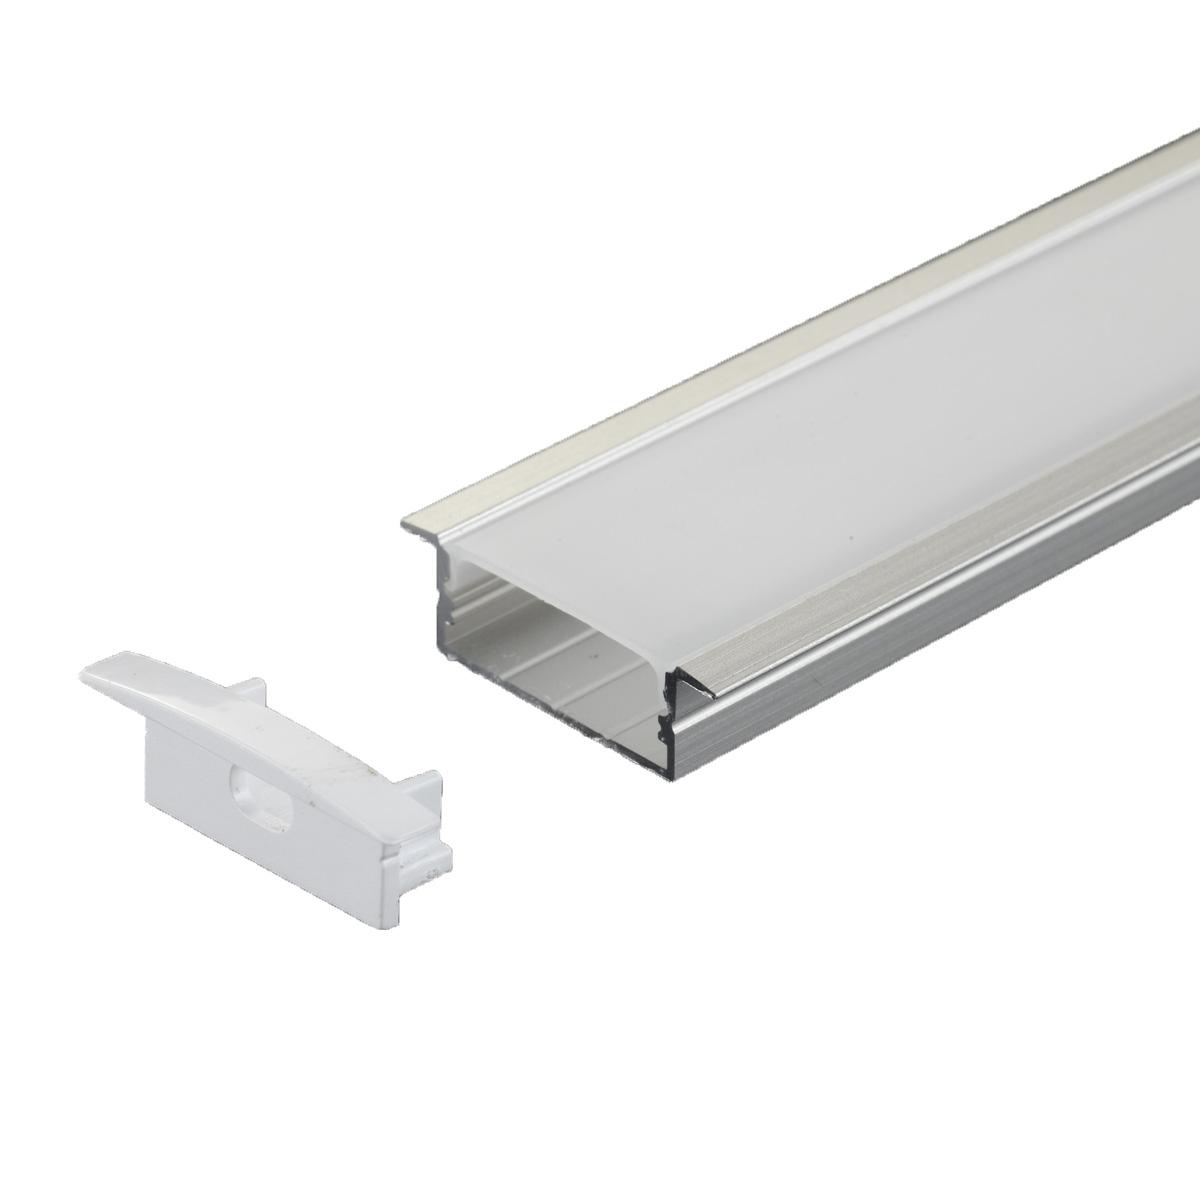 PERFIL 30.5X9.3MM EMBUTIR 1 METRO DIVERSAS CORES AL-2310B - i9 LED